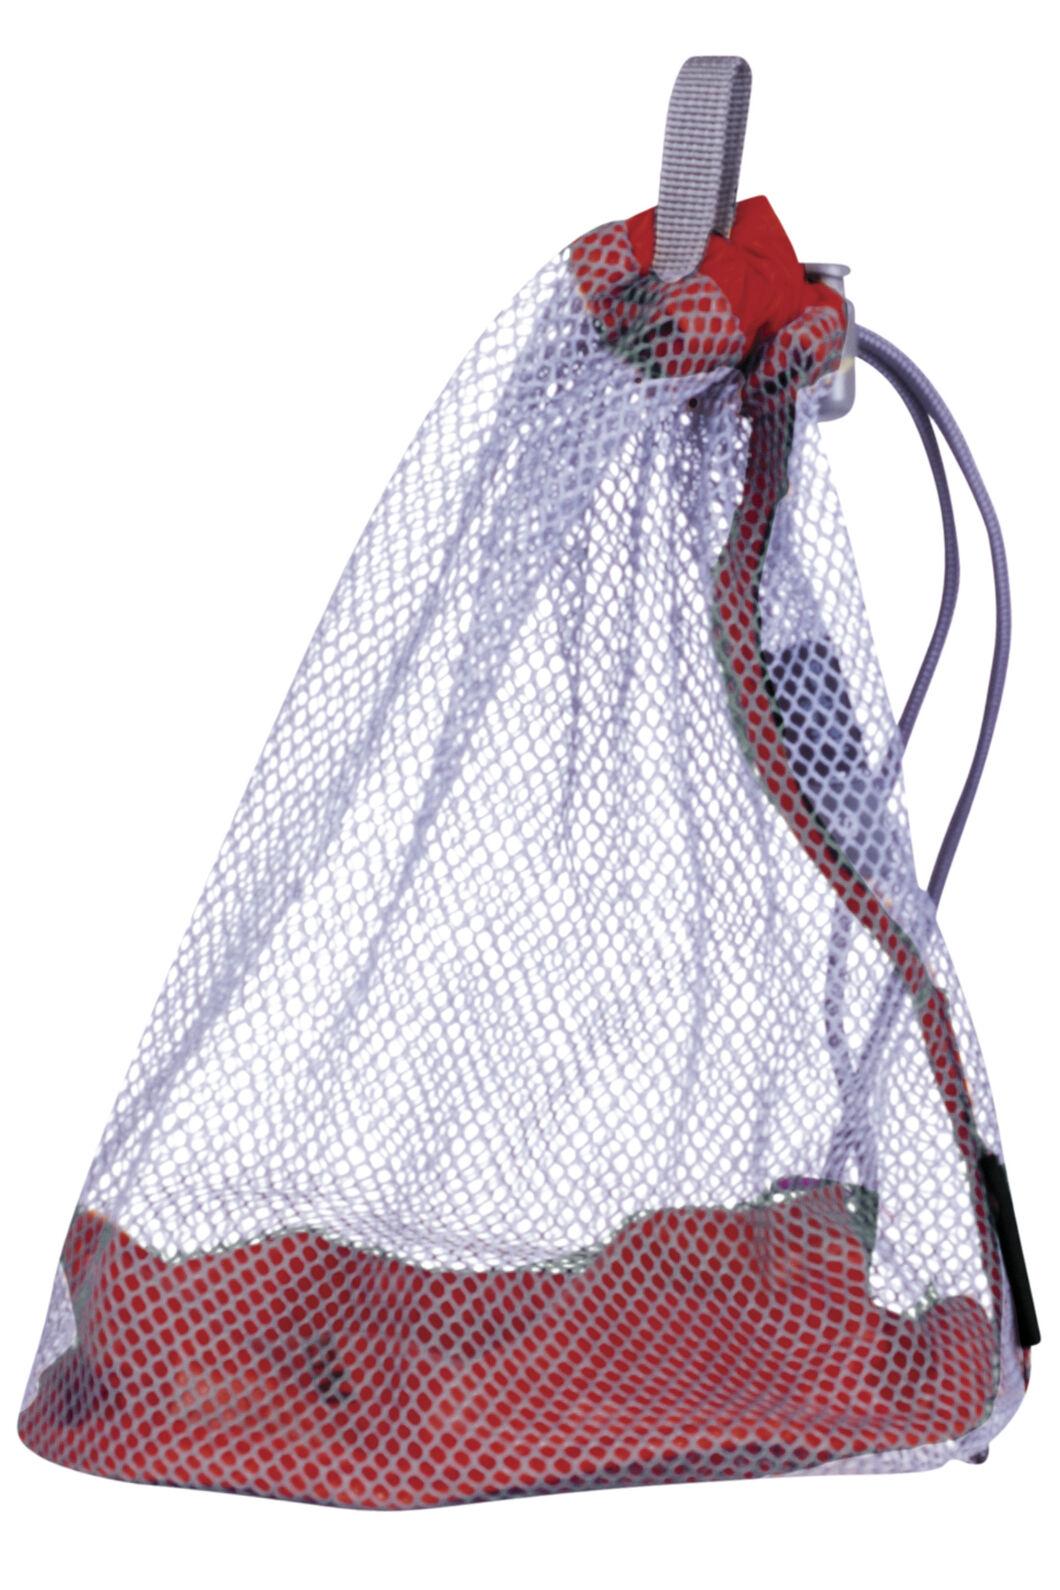 Macpac Mesh Stuff Sack XL, Scarlet Sage, hi-res